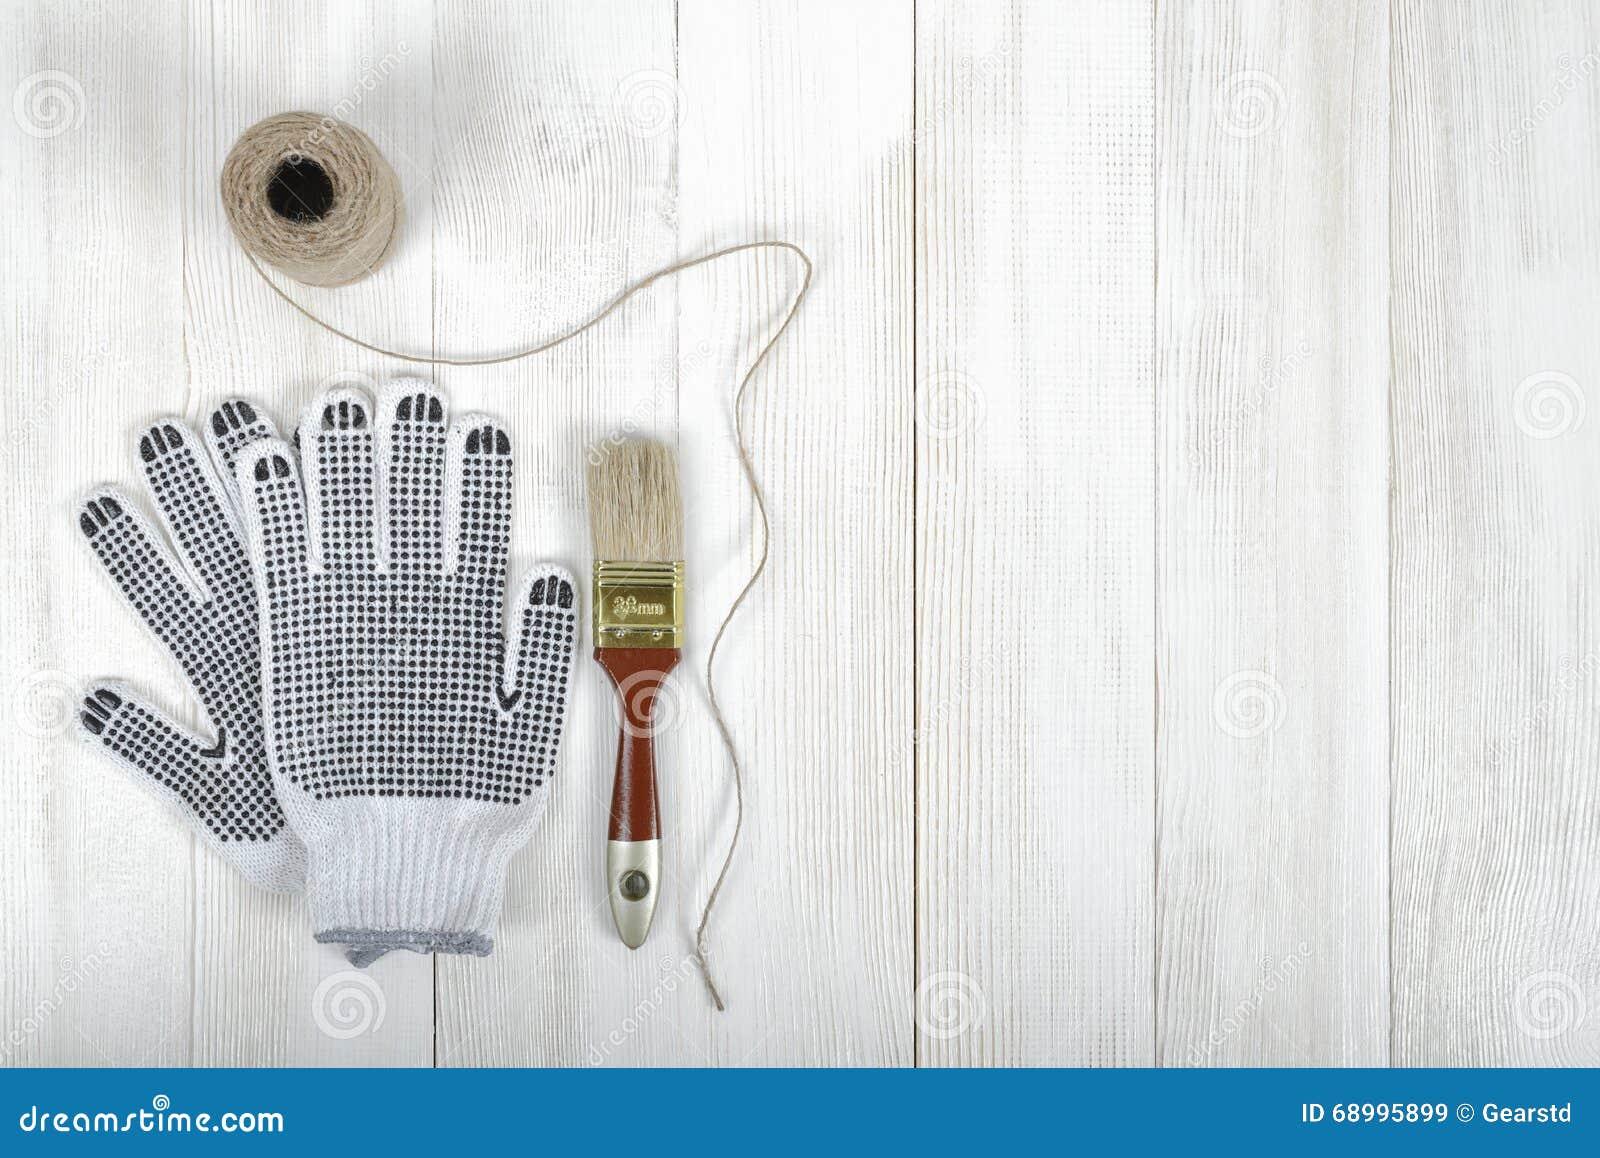 Caracterização da composição da arte das luvas, da escova e da guita encontrando-se na superfície de madeira branca